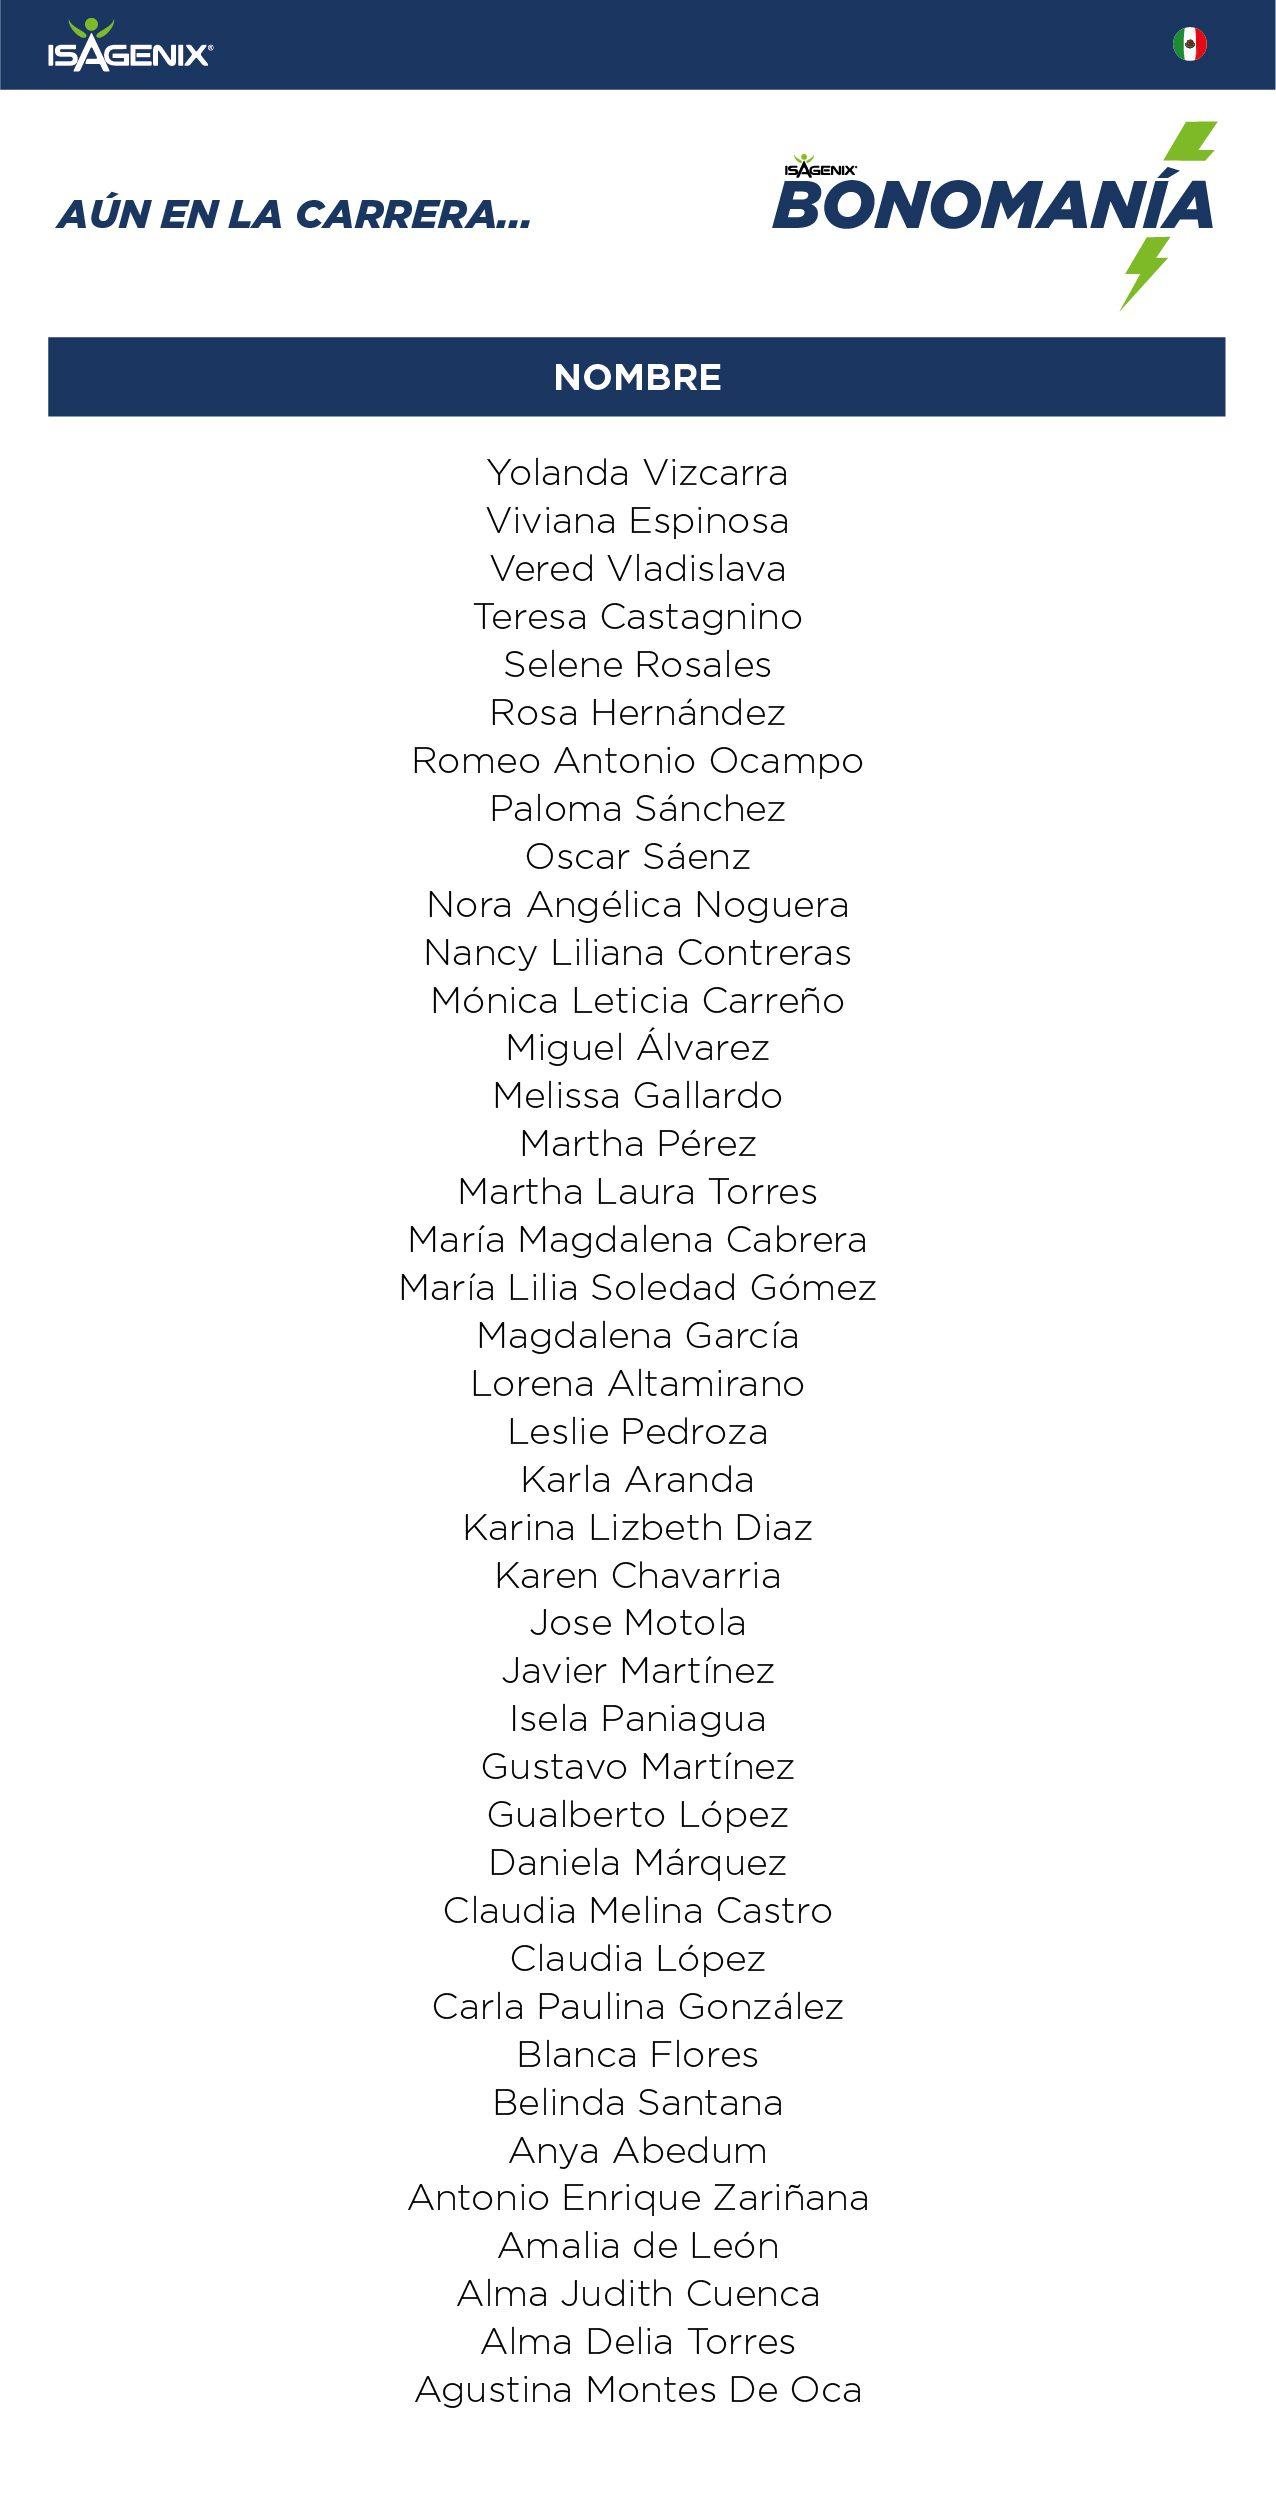 lista-ganadores_bonomania_enero_3-02